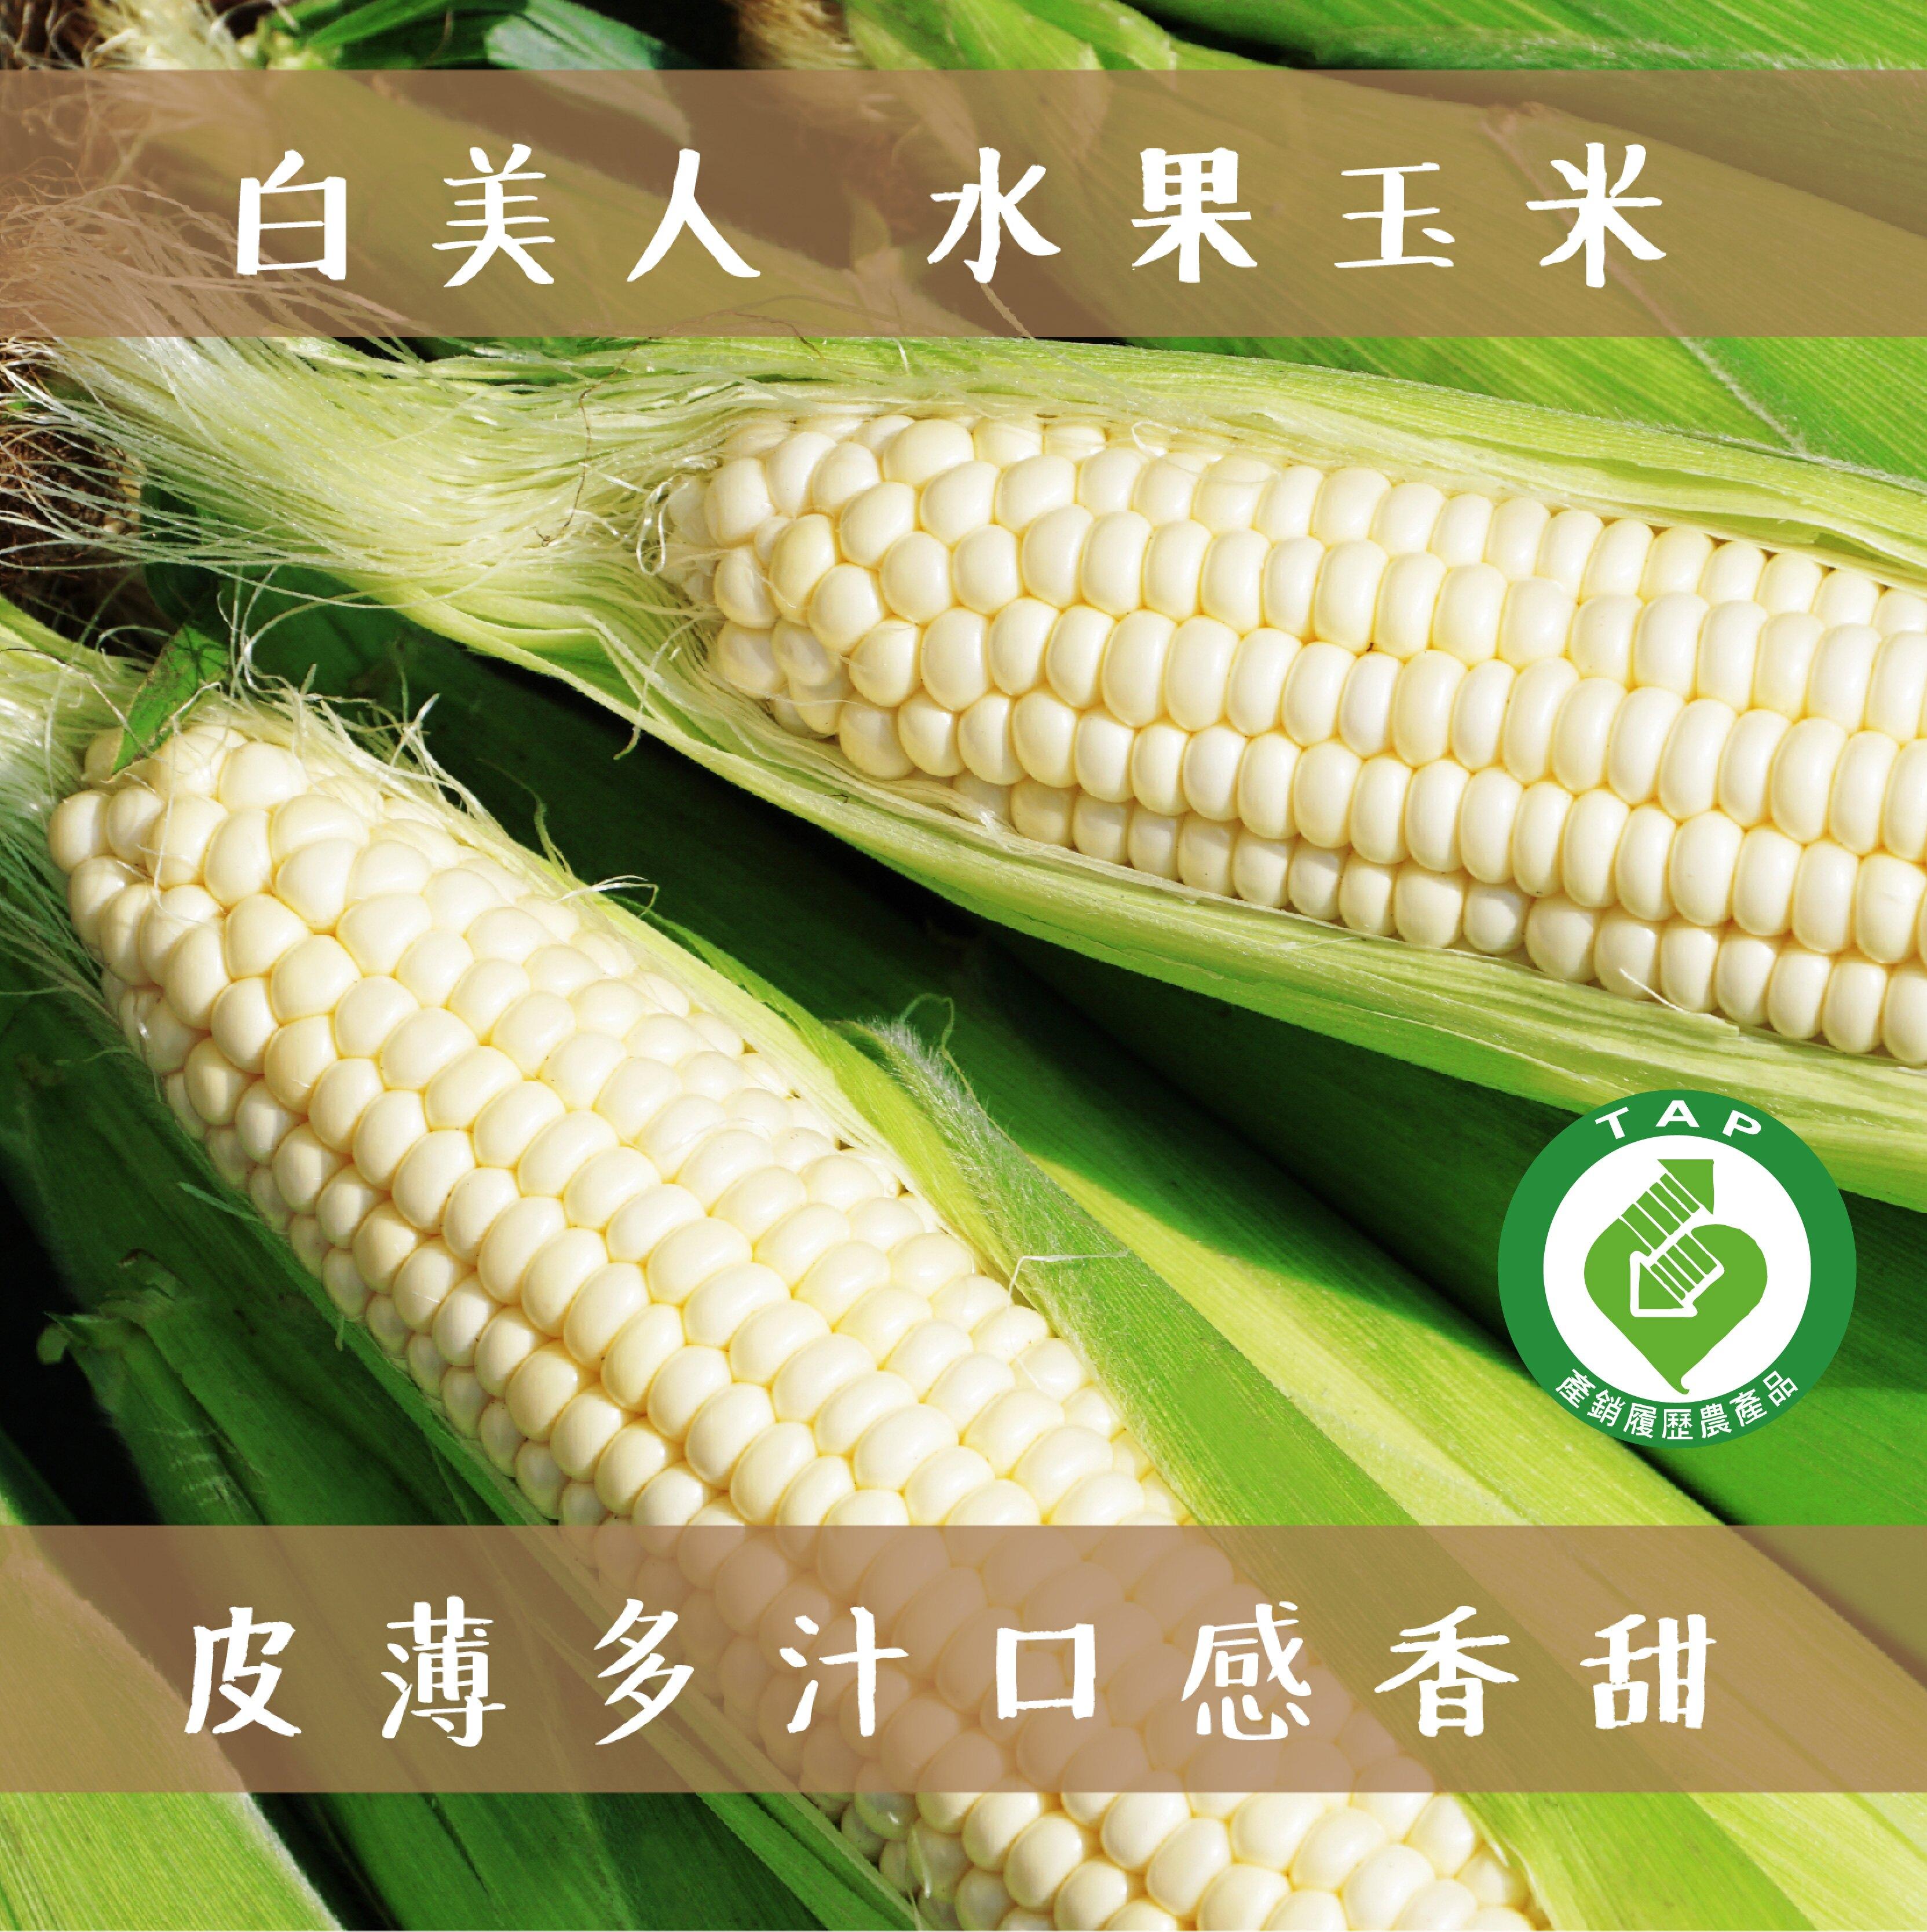 產銷履歷白美人水果玉米30斤